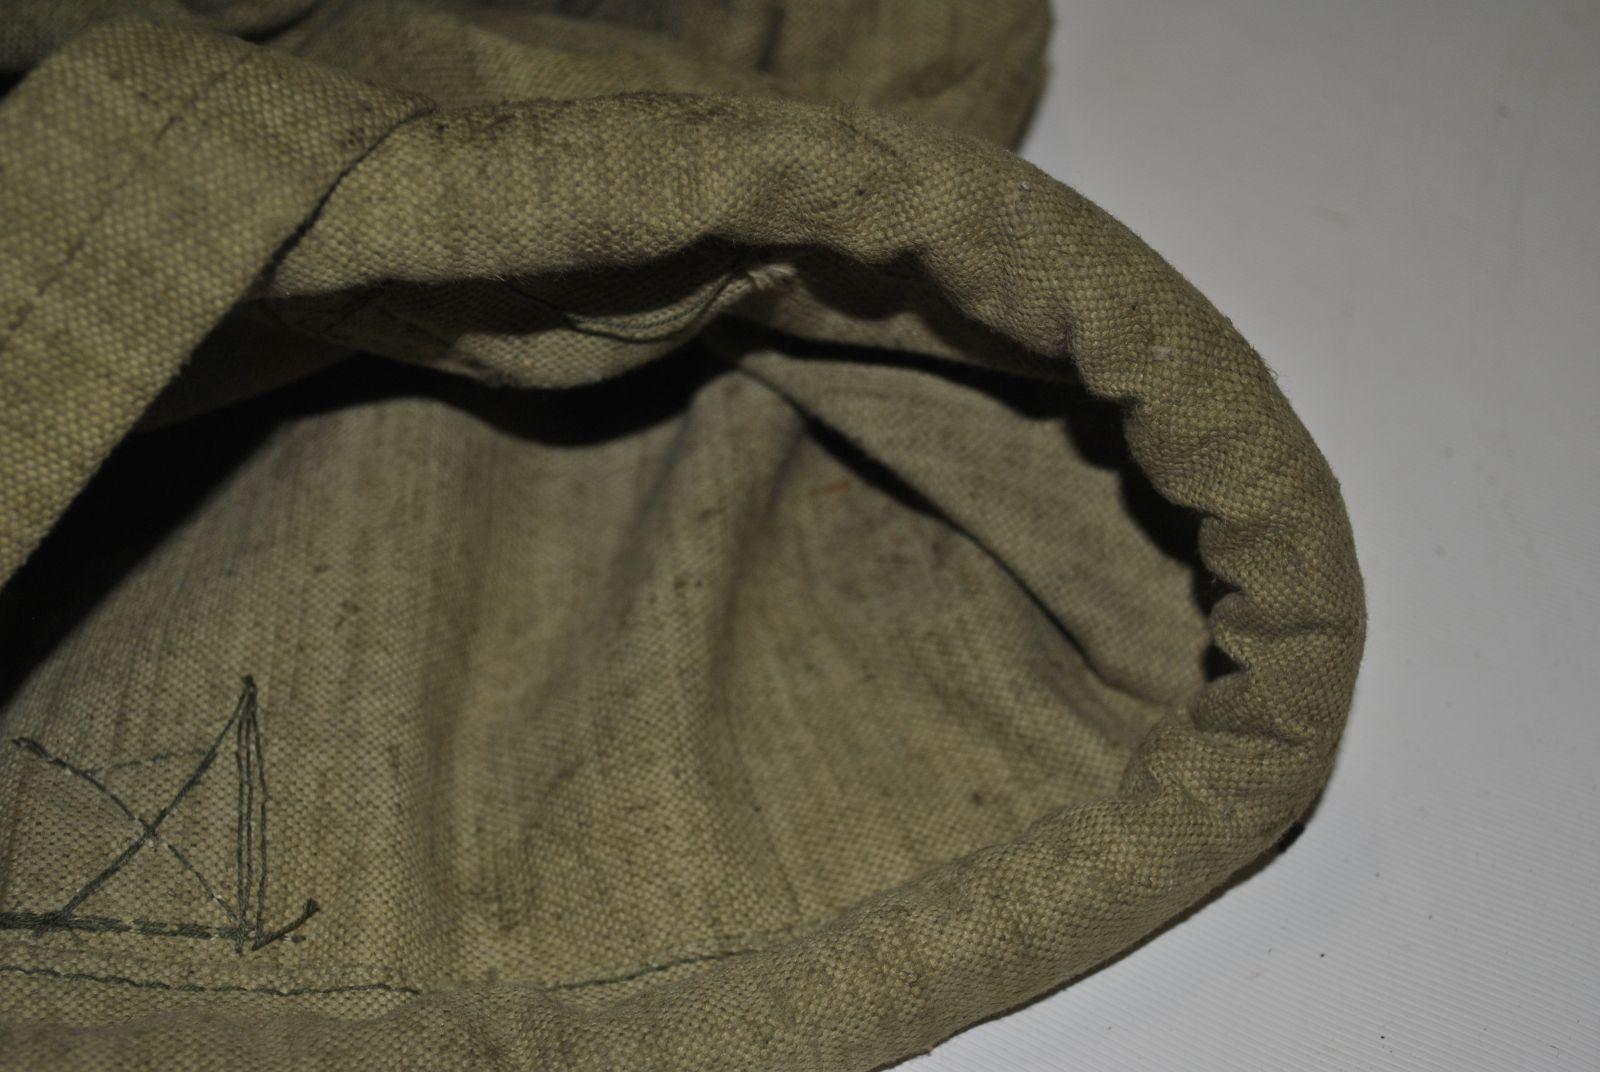 в основание и горловину вшита верёвка,10-15 мм (сечение)